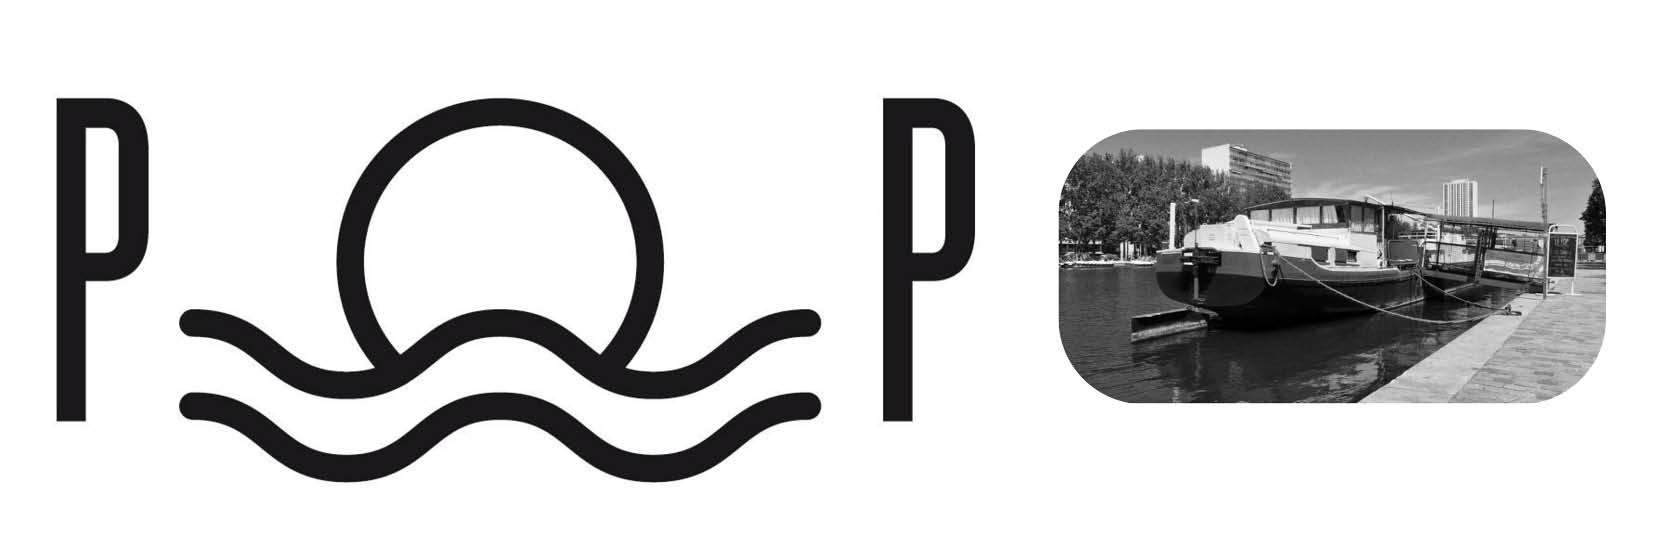 Péniche La Pop - Zone 2